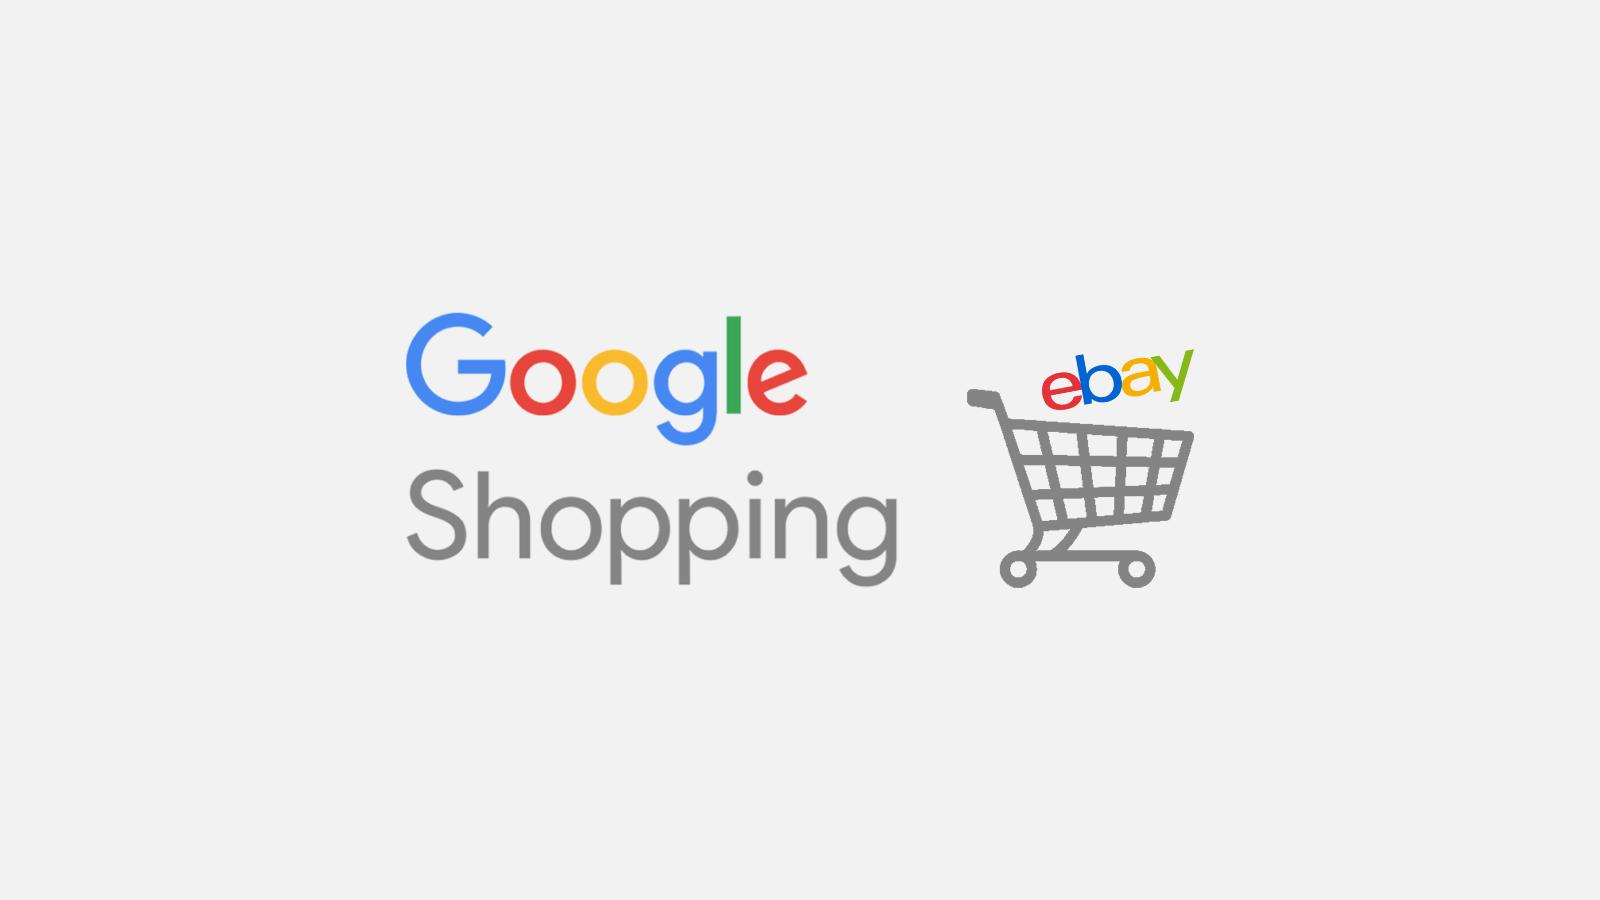 eBay Angebote für Google Shopping optimieren